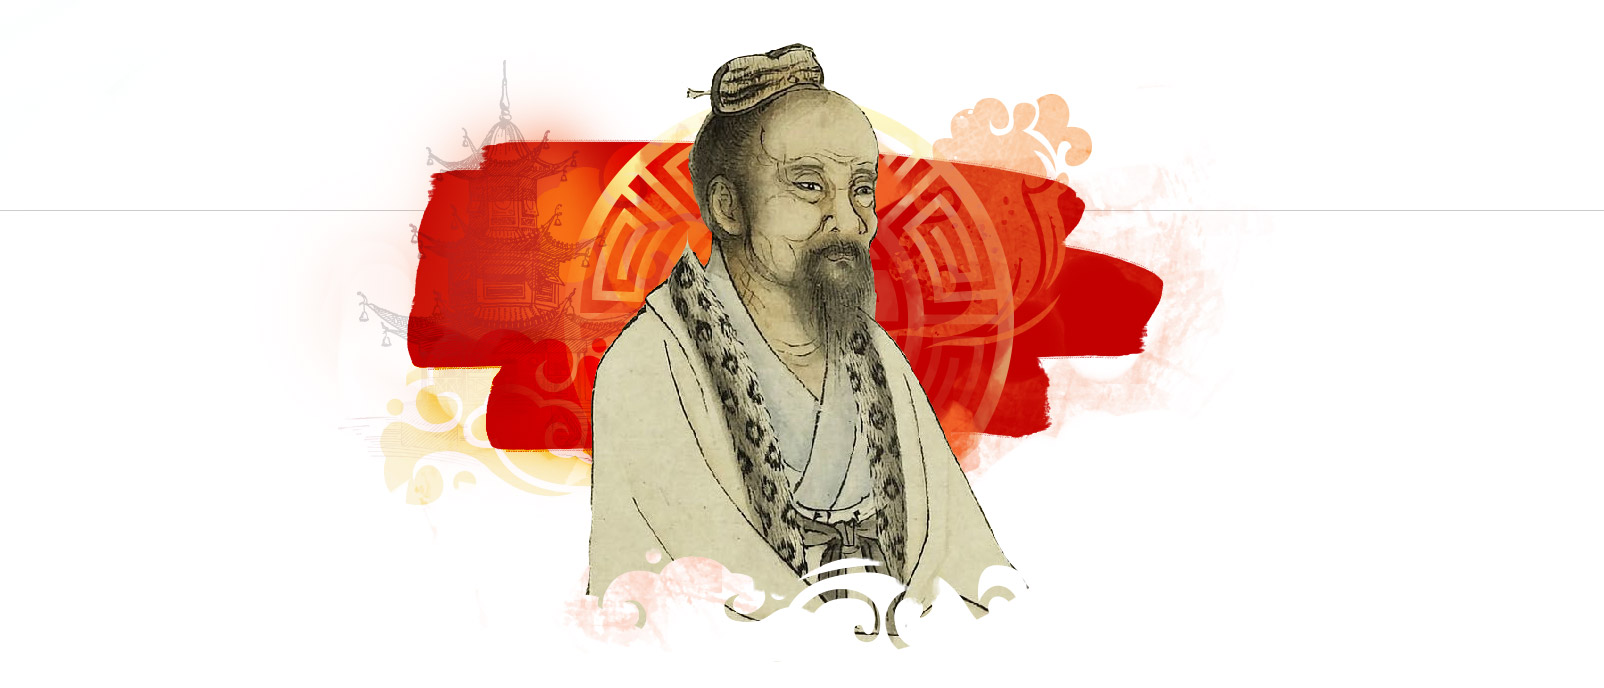 Zhuang Zhou